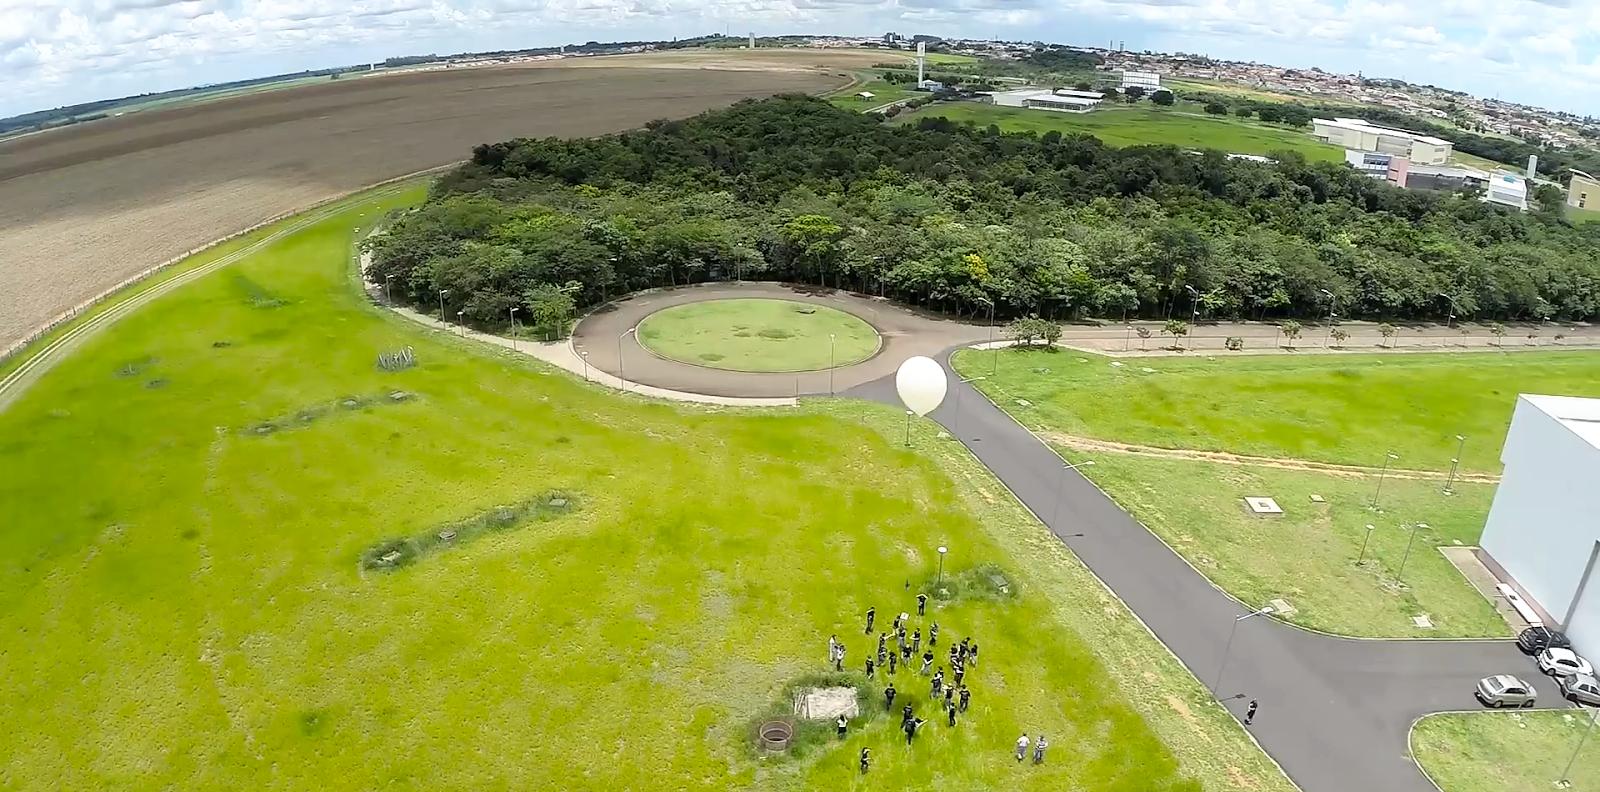 Um salto gigantesco para o setor aeroespacial brasileiro foi dado em São Carlos em dezembro, quando um balão estratosférico foi lançado da área II do campus da USP (foto: divulgação)